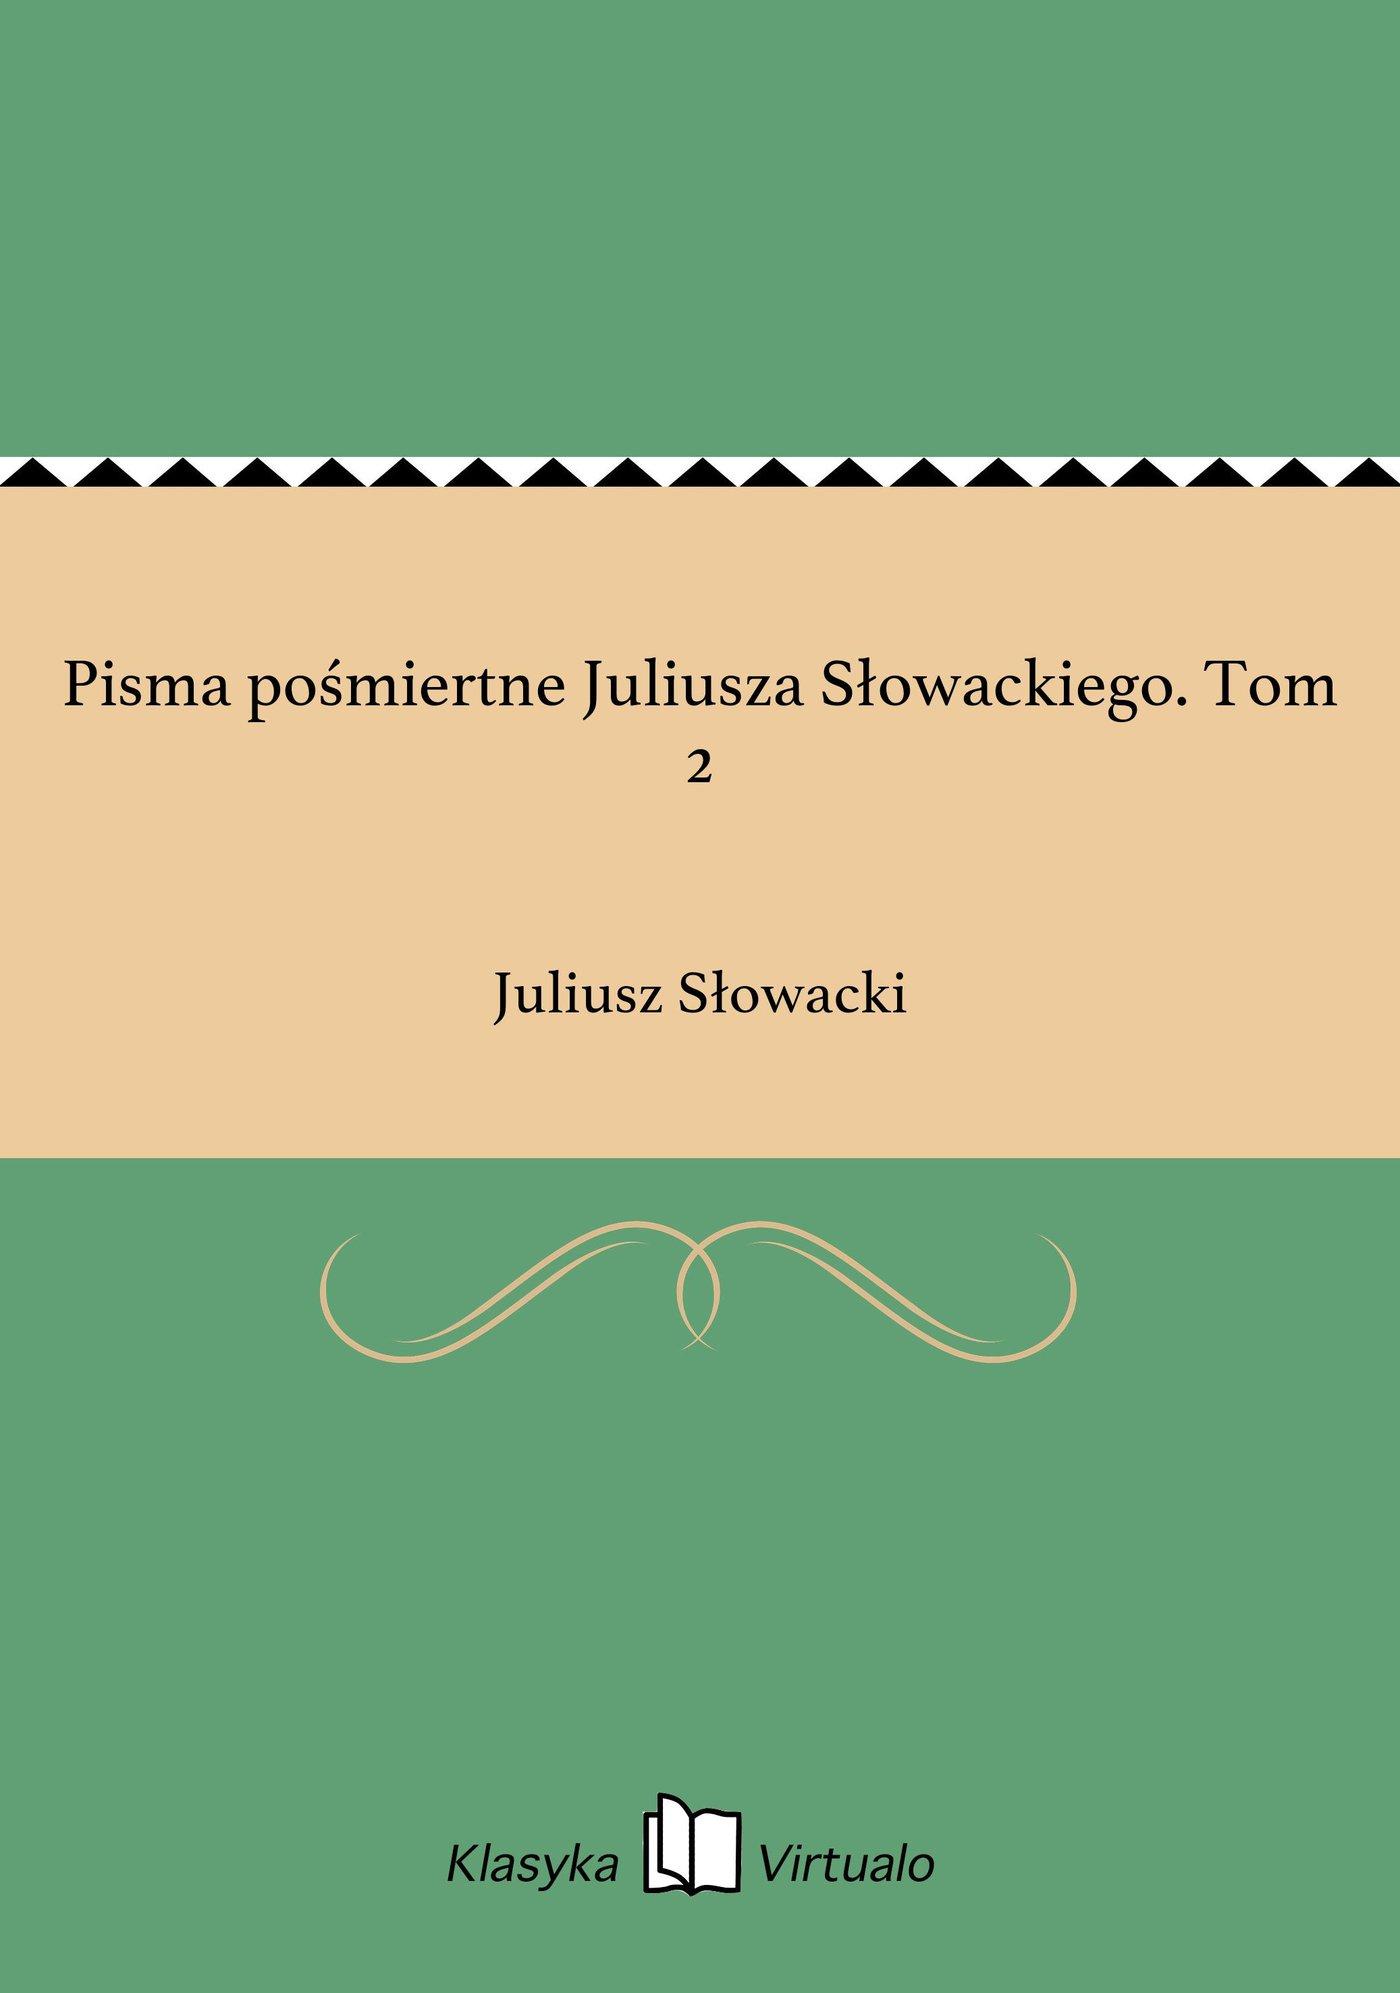 Pisma pośmiertne Juliusza Słowackiego. Tom 2 - Ebook (Książka EPUB) do pobrania w formacie EPUB